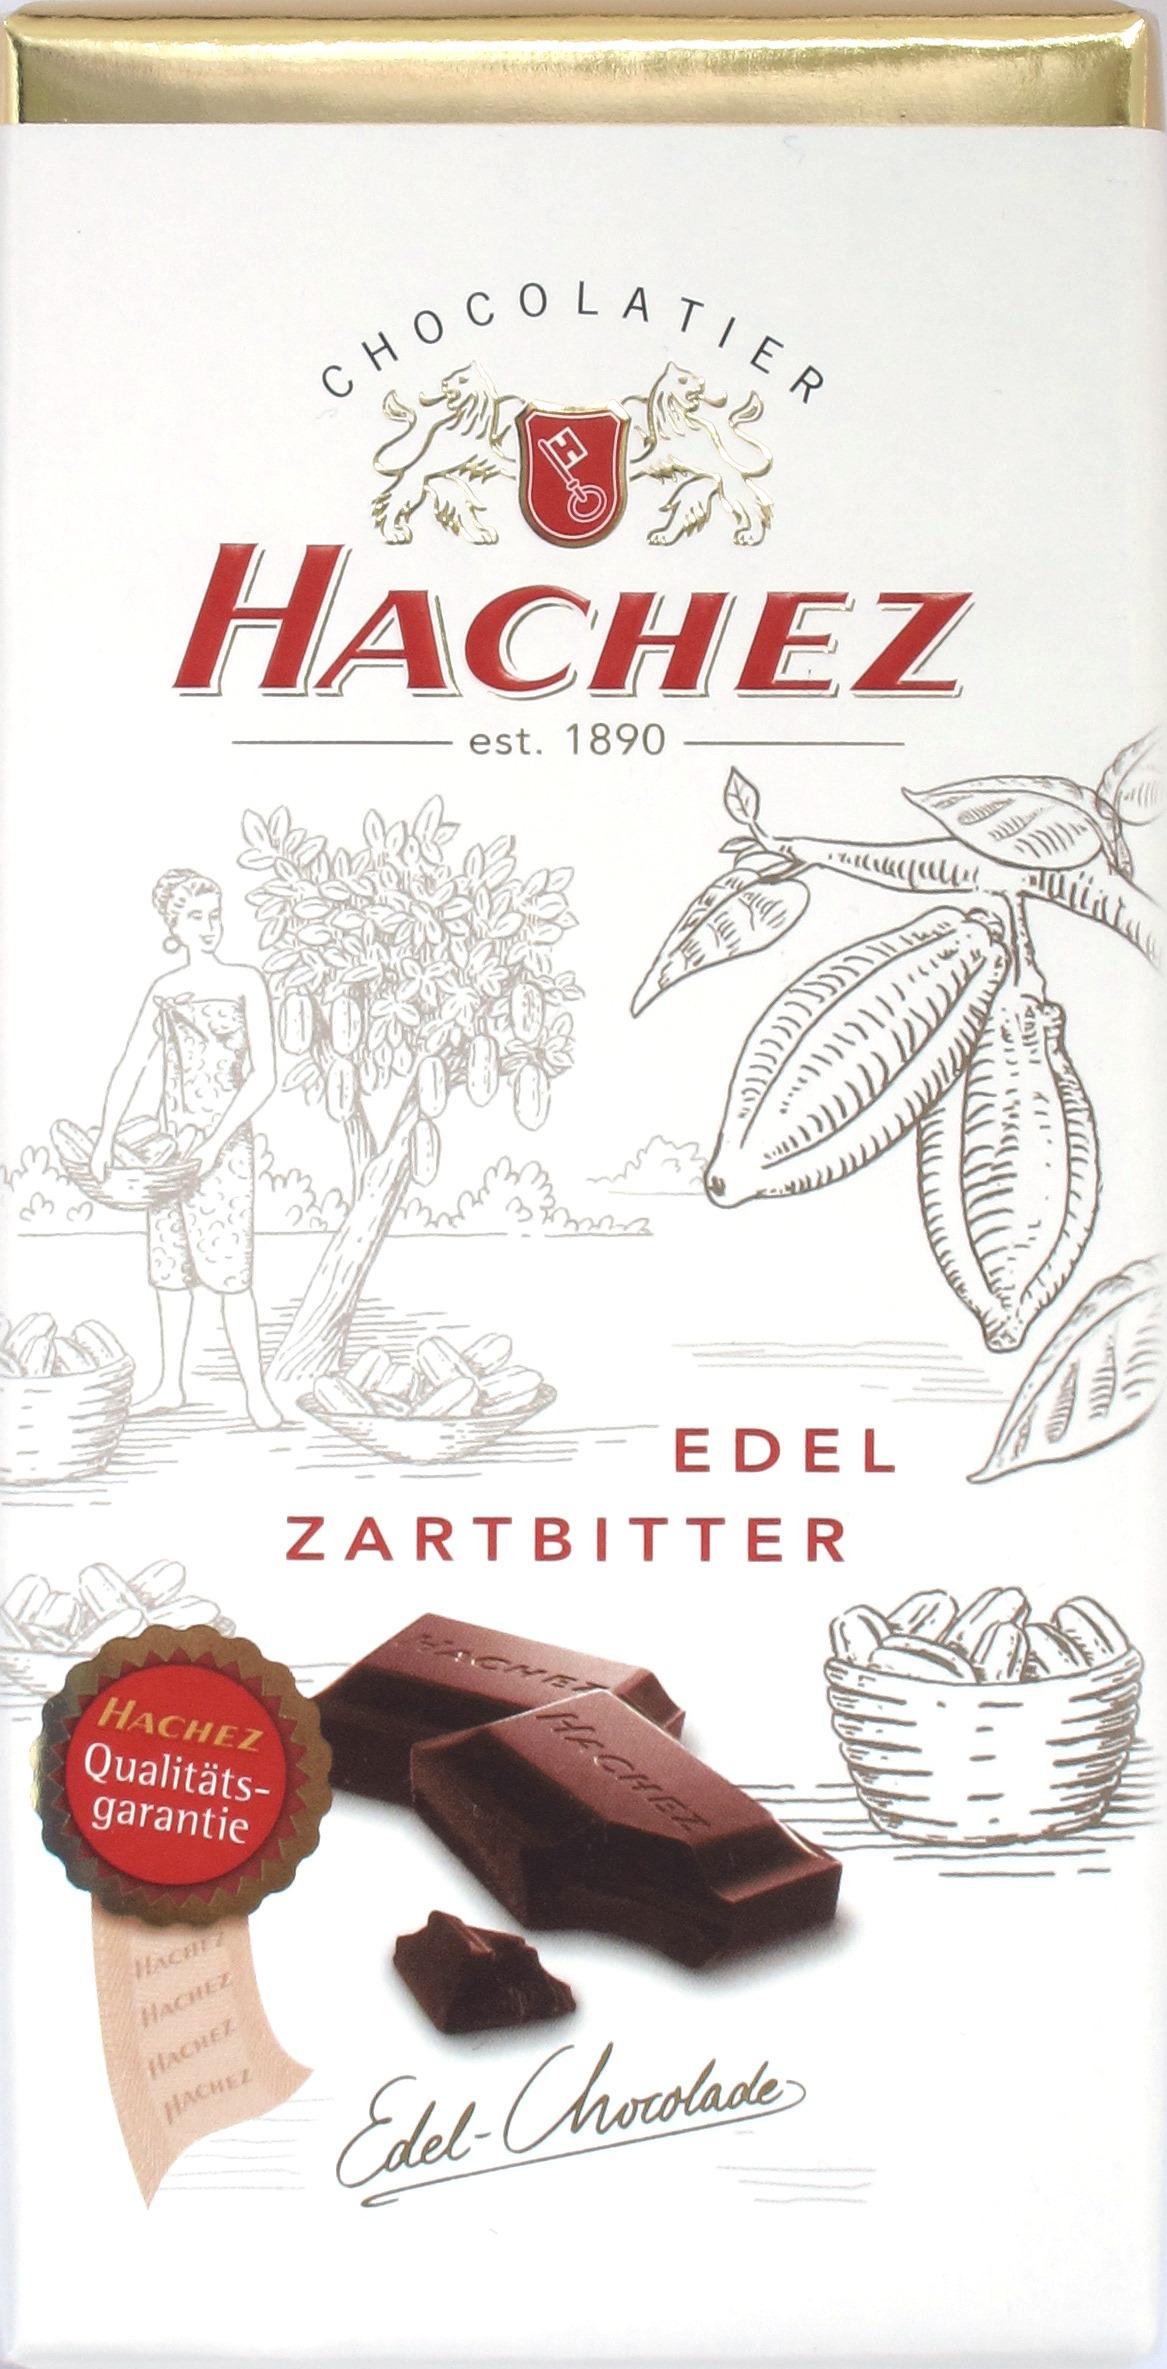 Hachez 55% Edel-Zartbitter-Schokolade